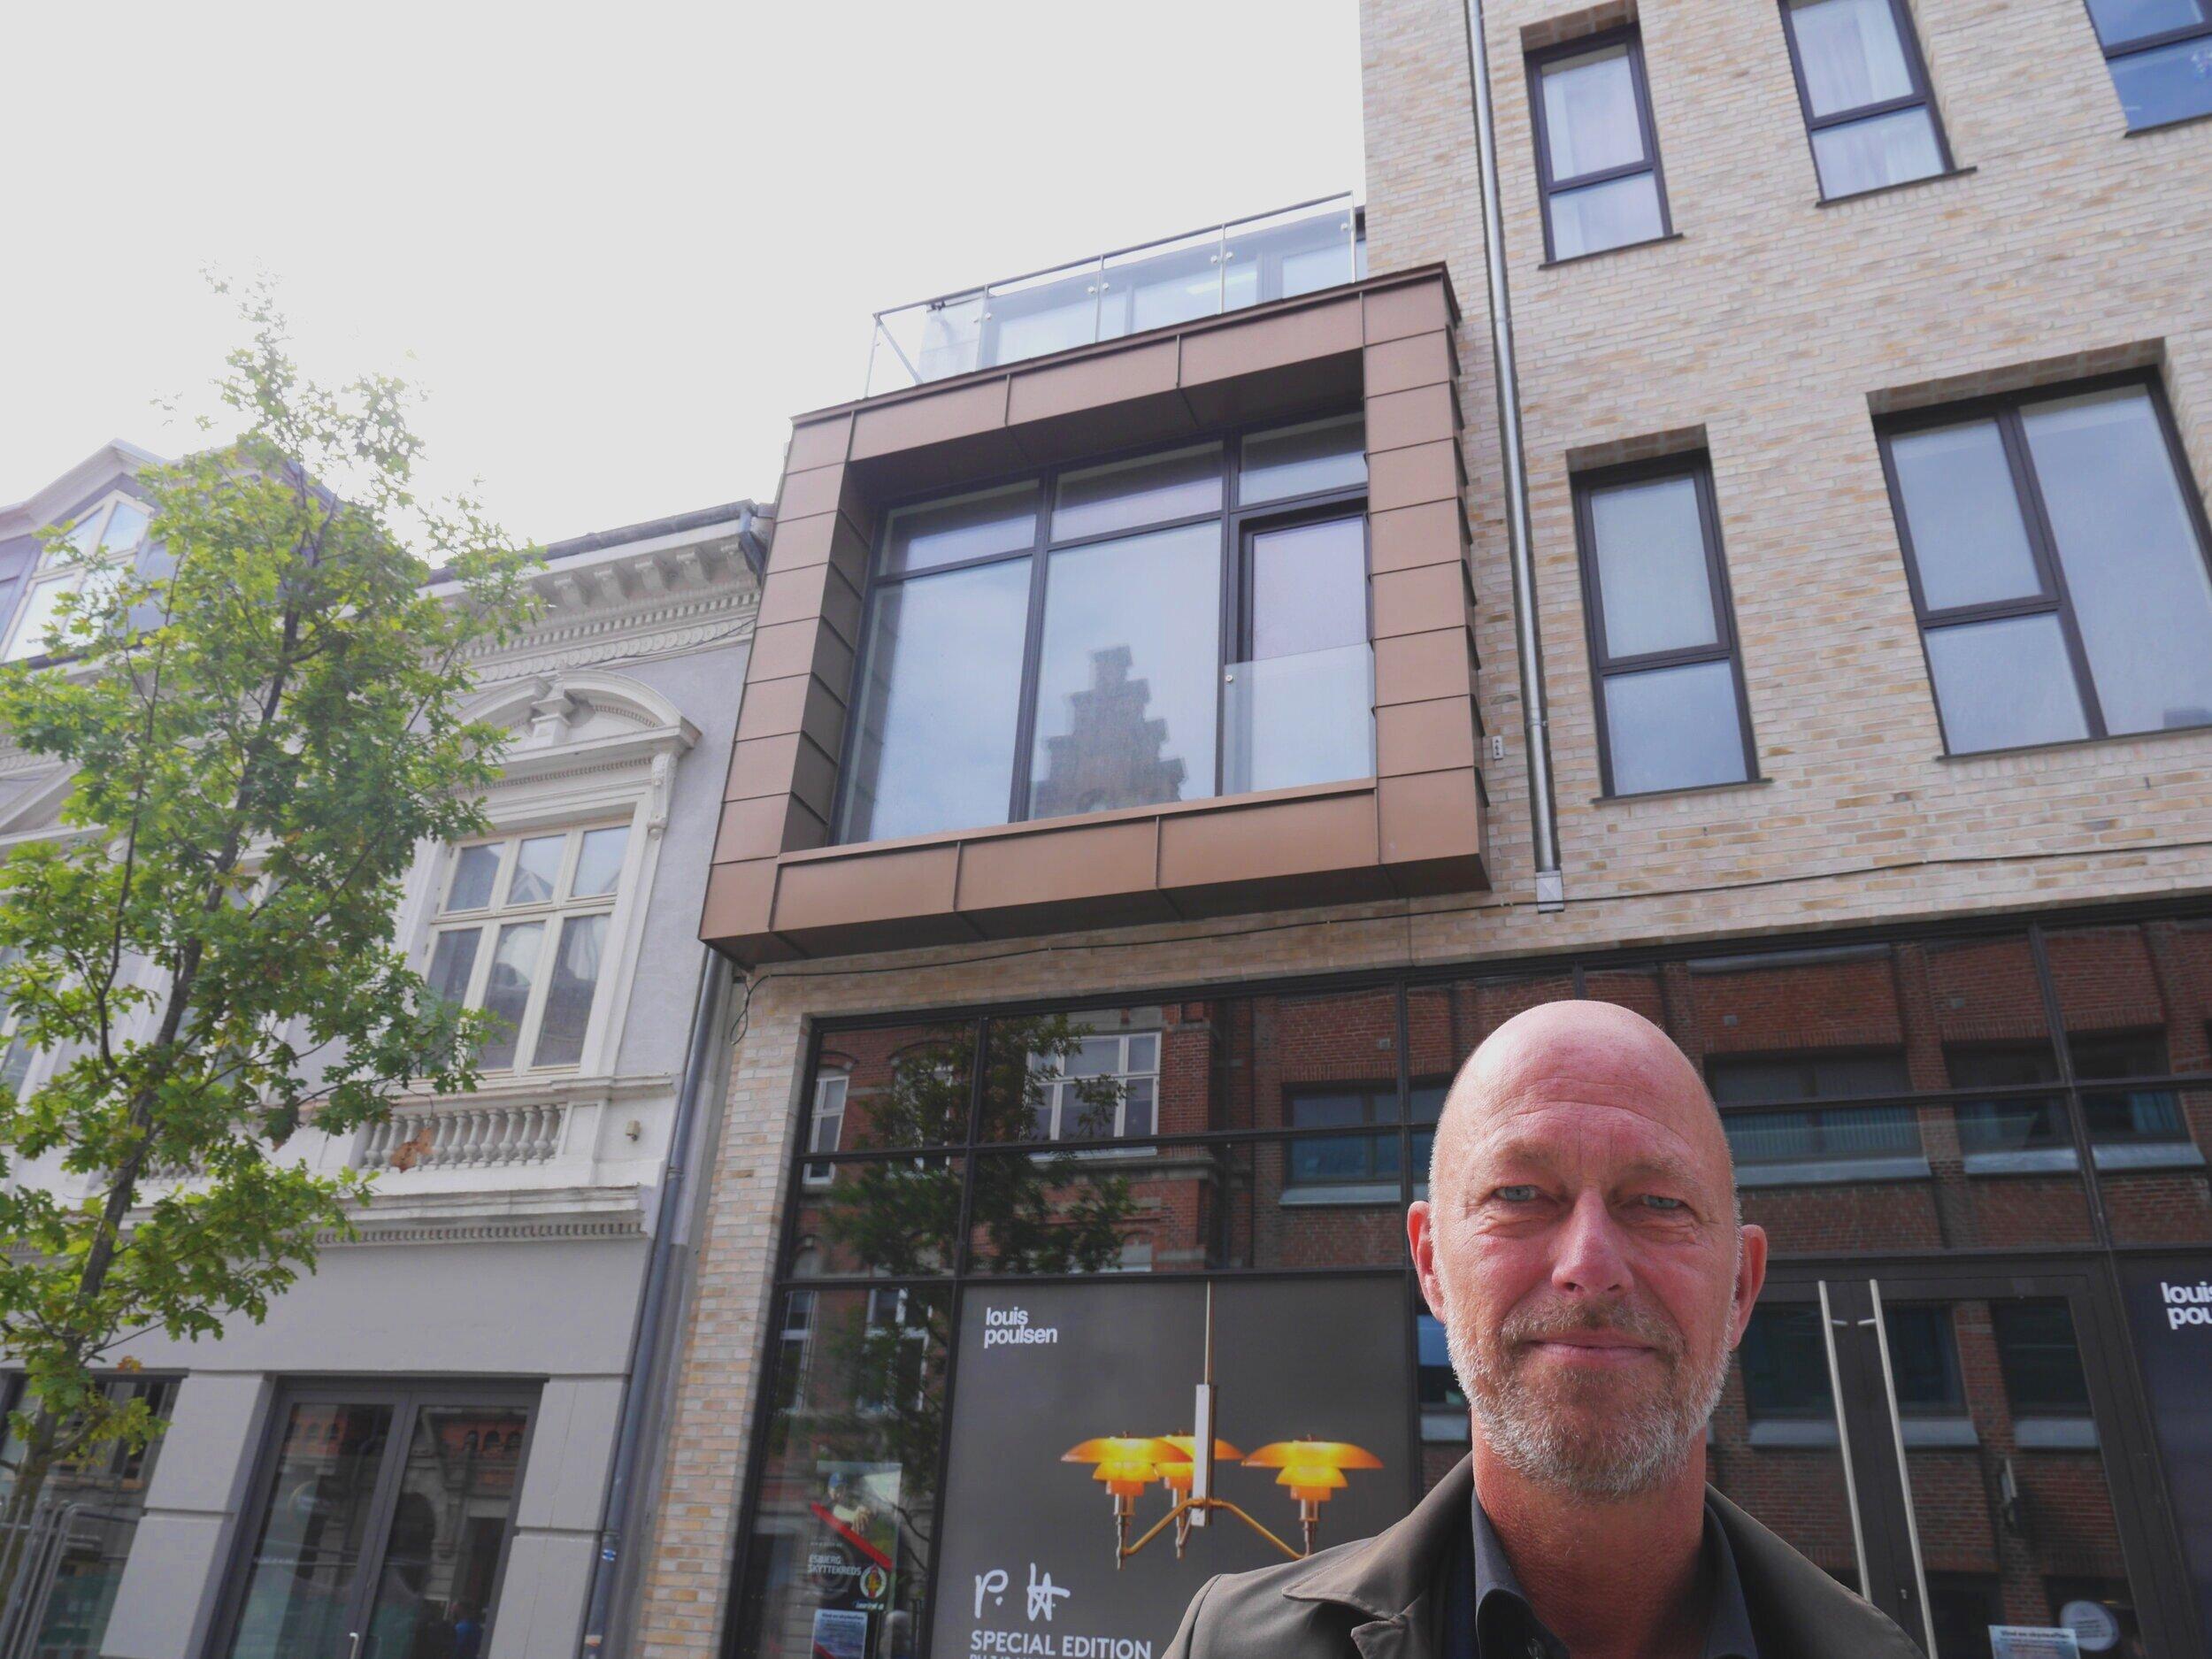 Stadsarkitekt Morten Harder foran det nye byggeri Karéen på Esbjerg gågade. Han er glad for resultatet, hvor byggeriet blandt andet rammer højden på sin gamle nabo. Fotos: Niels Bjørn.